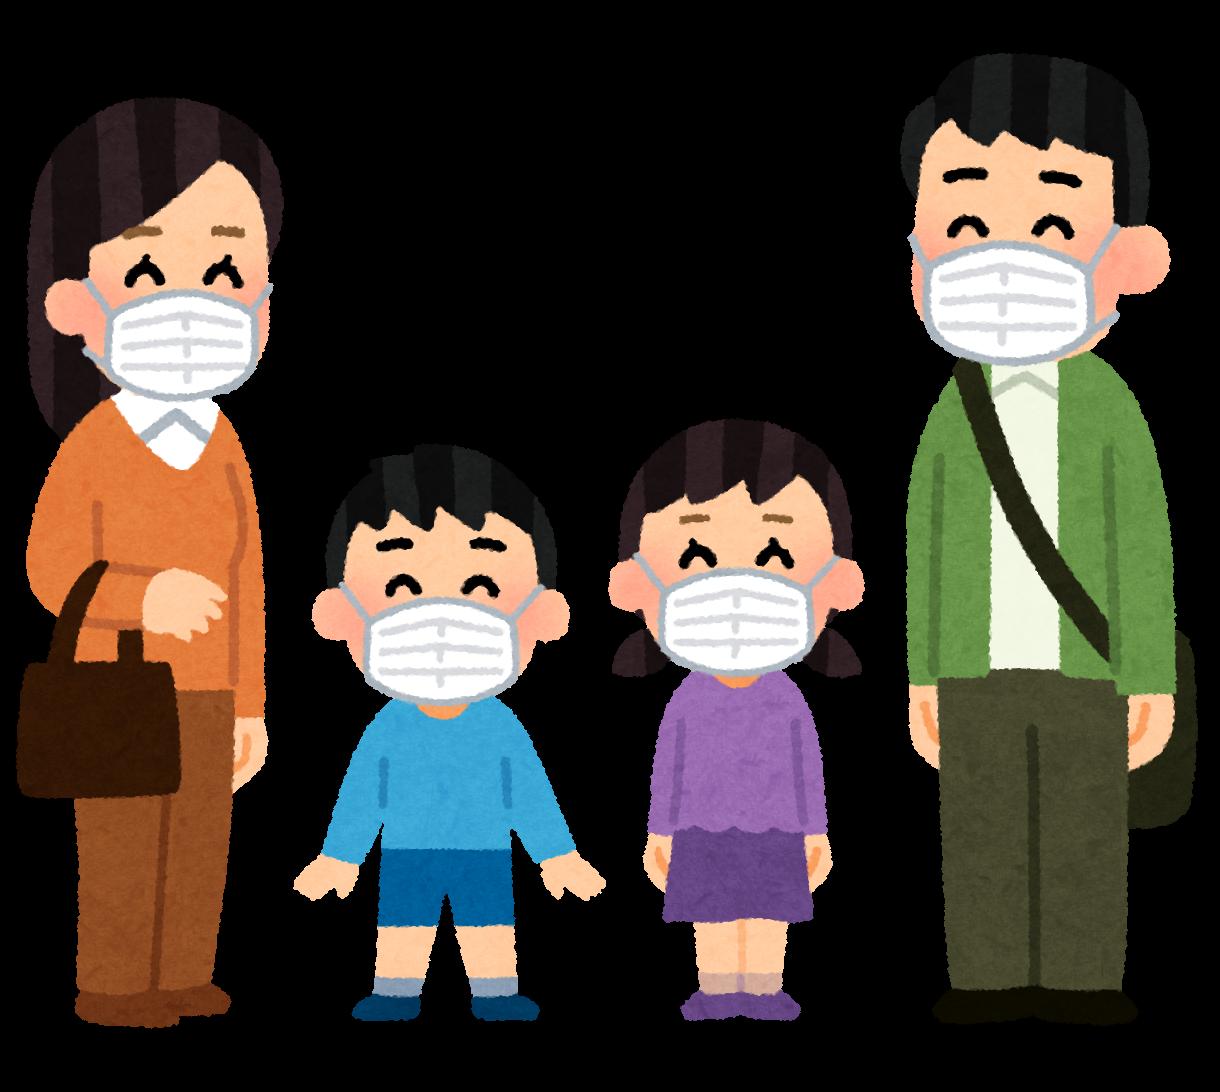 マスクを付けた家族のイラスト(笑顔) | かわいいフリー素材集 いらすとや